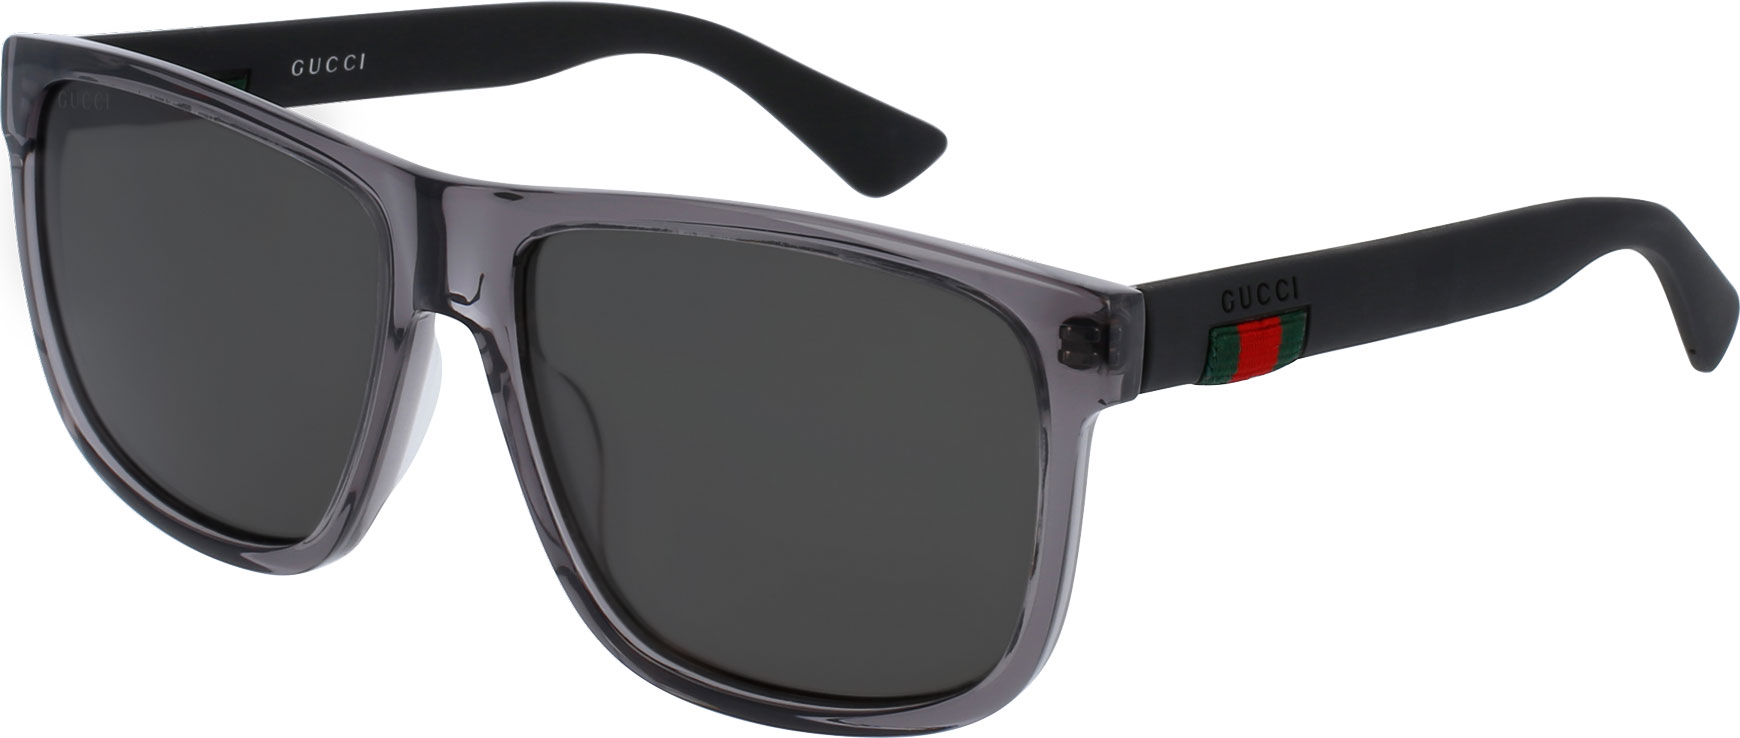 Gucci GG0010S-004-58 | 8056376047844